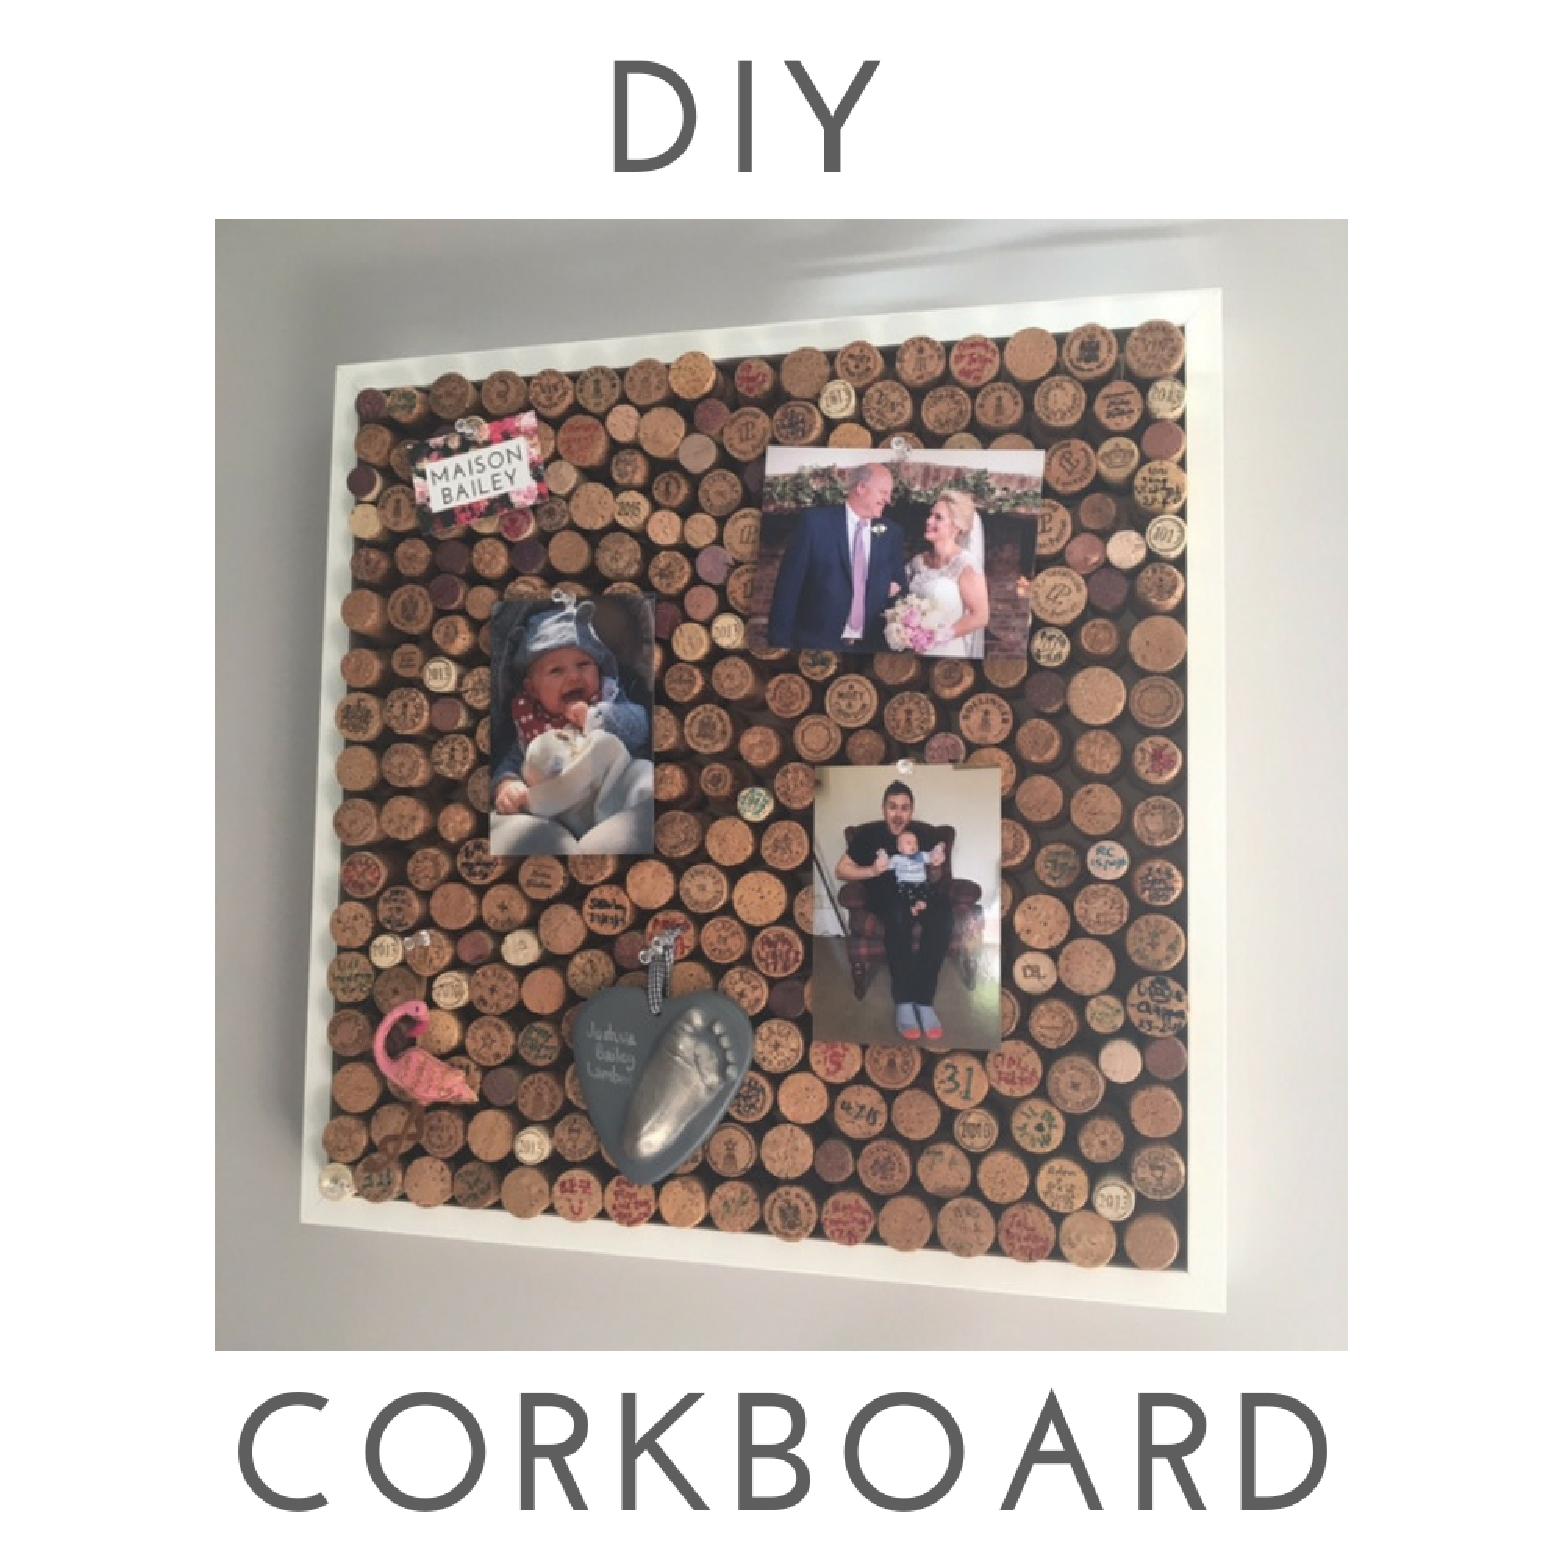 diy-corkboard.png